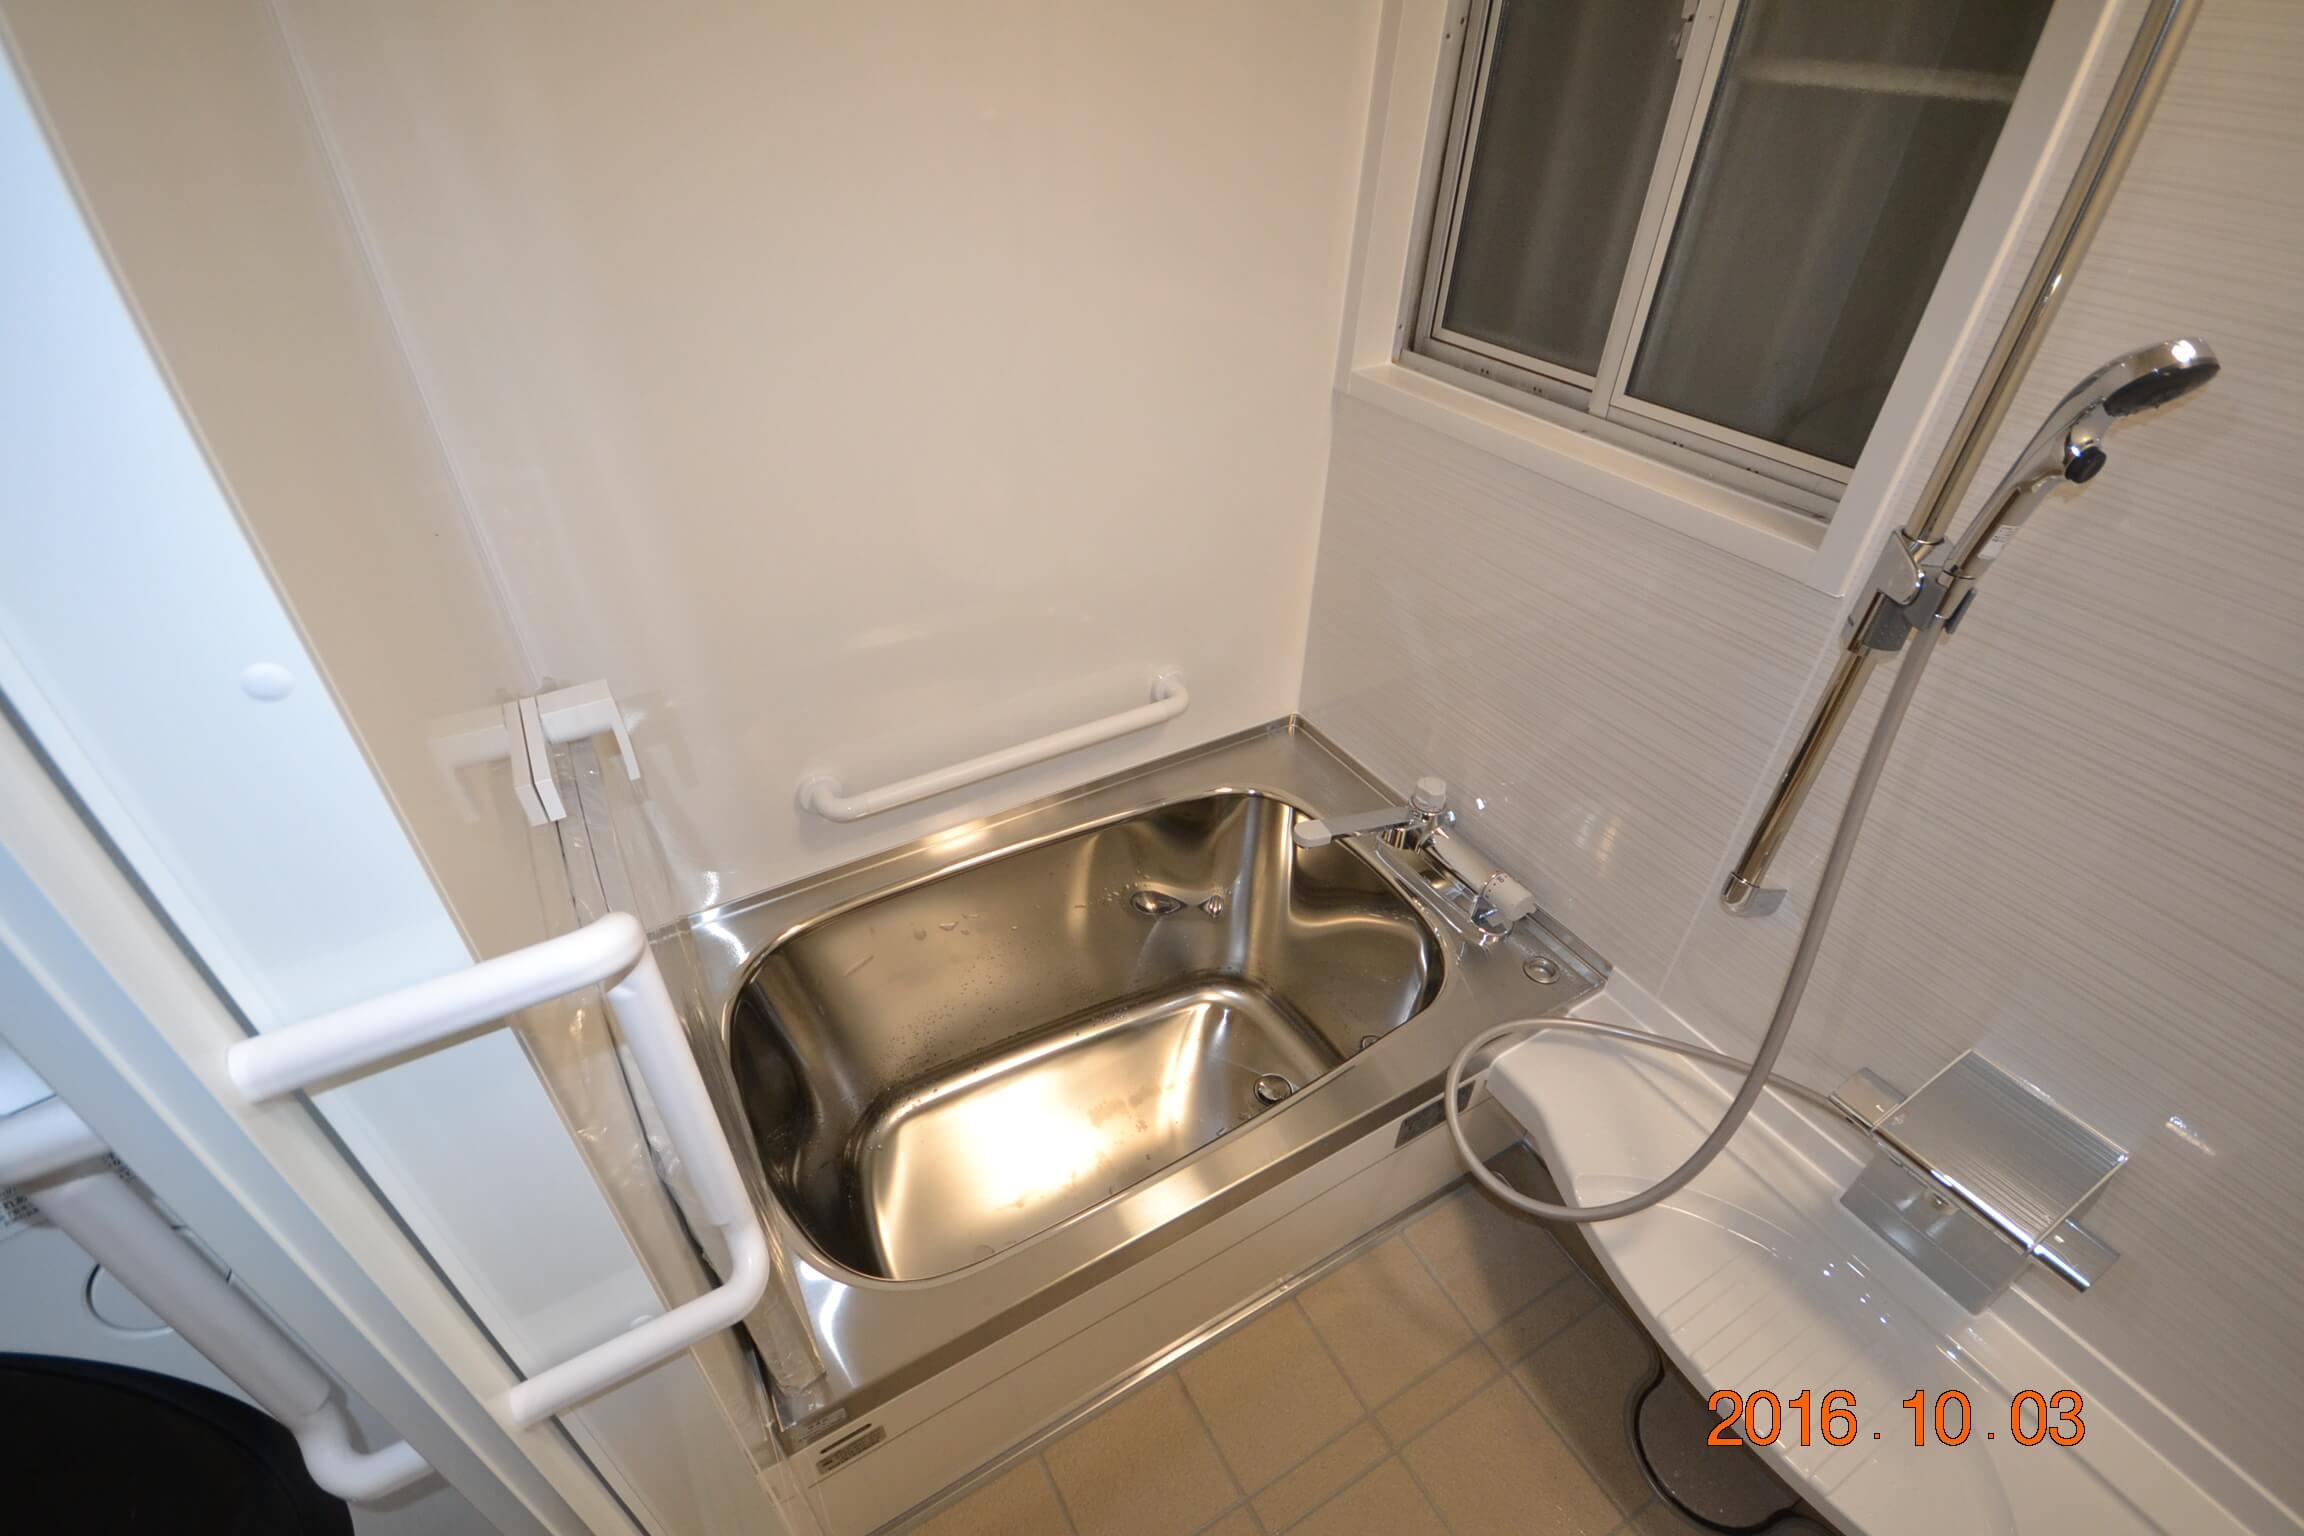 ステンレス製の浴槽です。